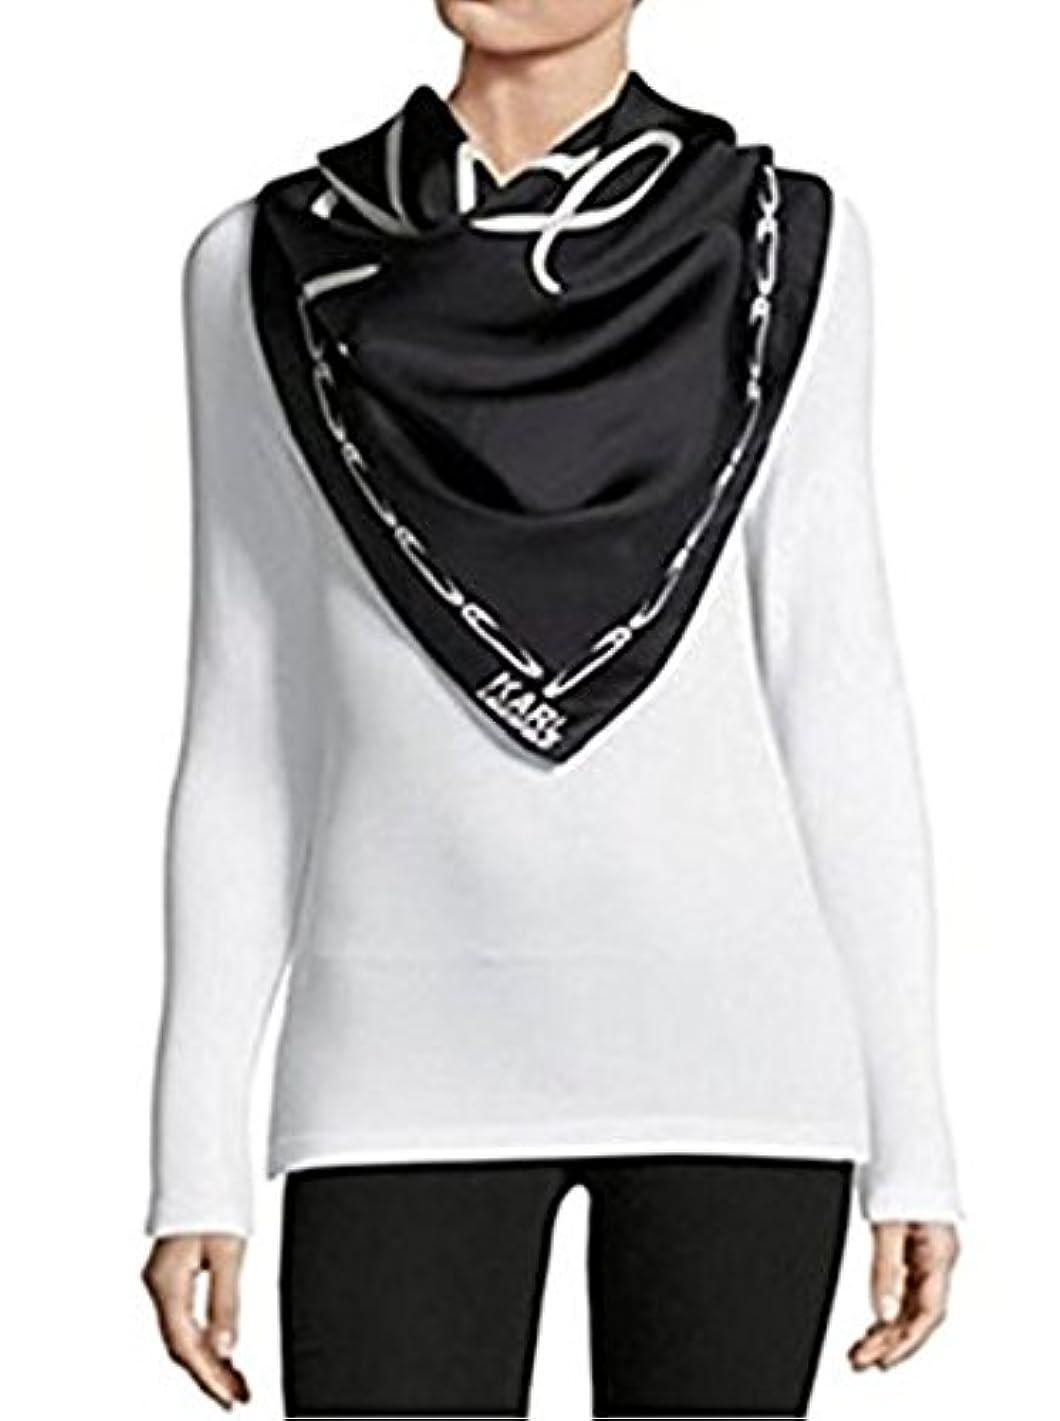 有限なすエキスカールラガーフェルドParisシルク注意と安全ピン印刷scarf-black-oneサイズ